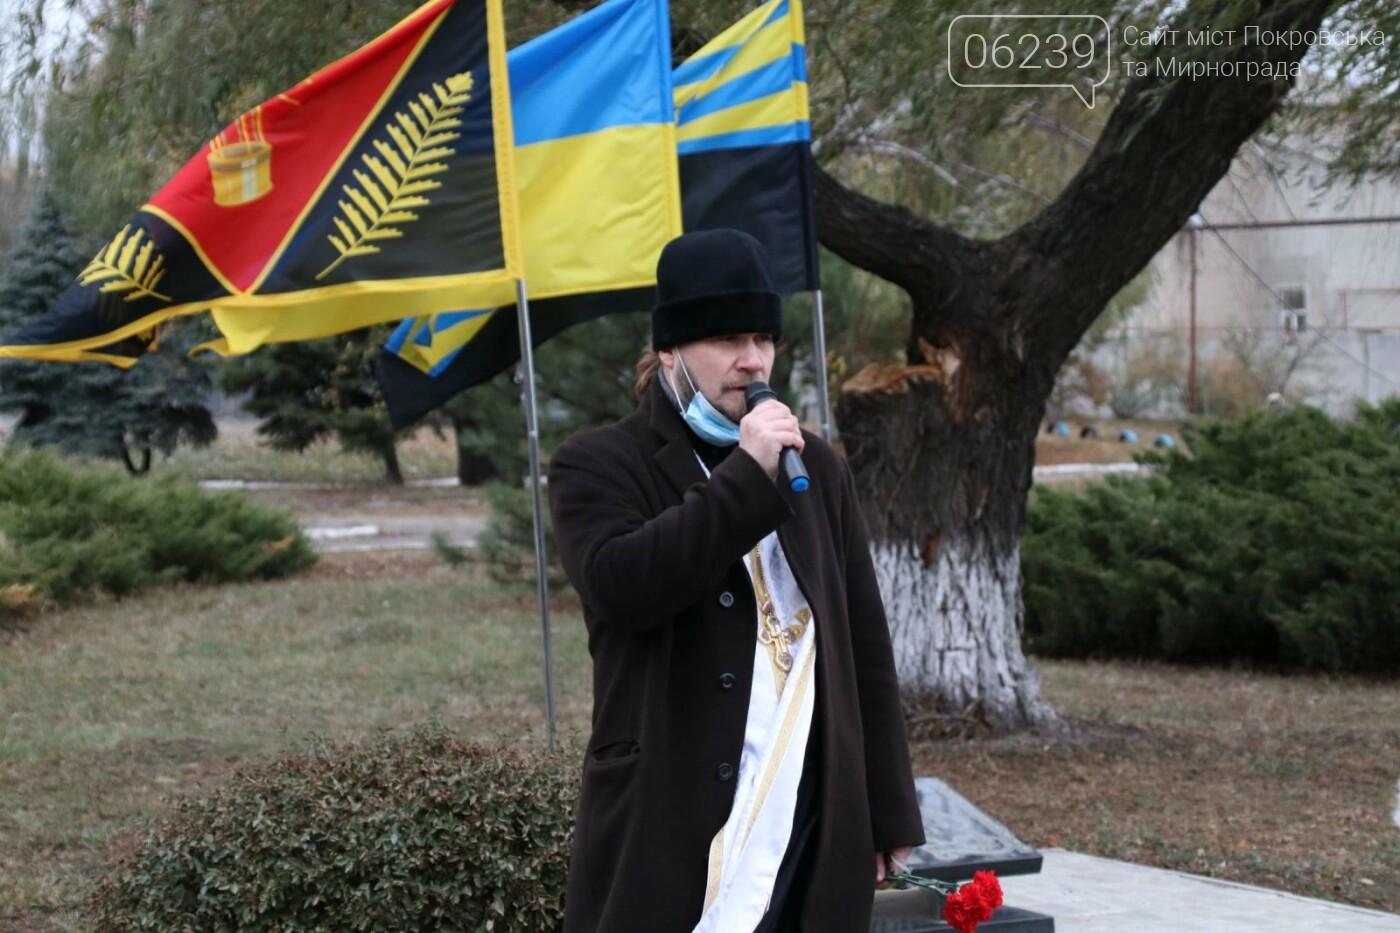 В Мирнограде отметили День Достоинства и Свободы, фото-6